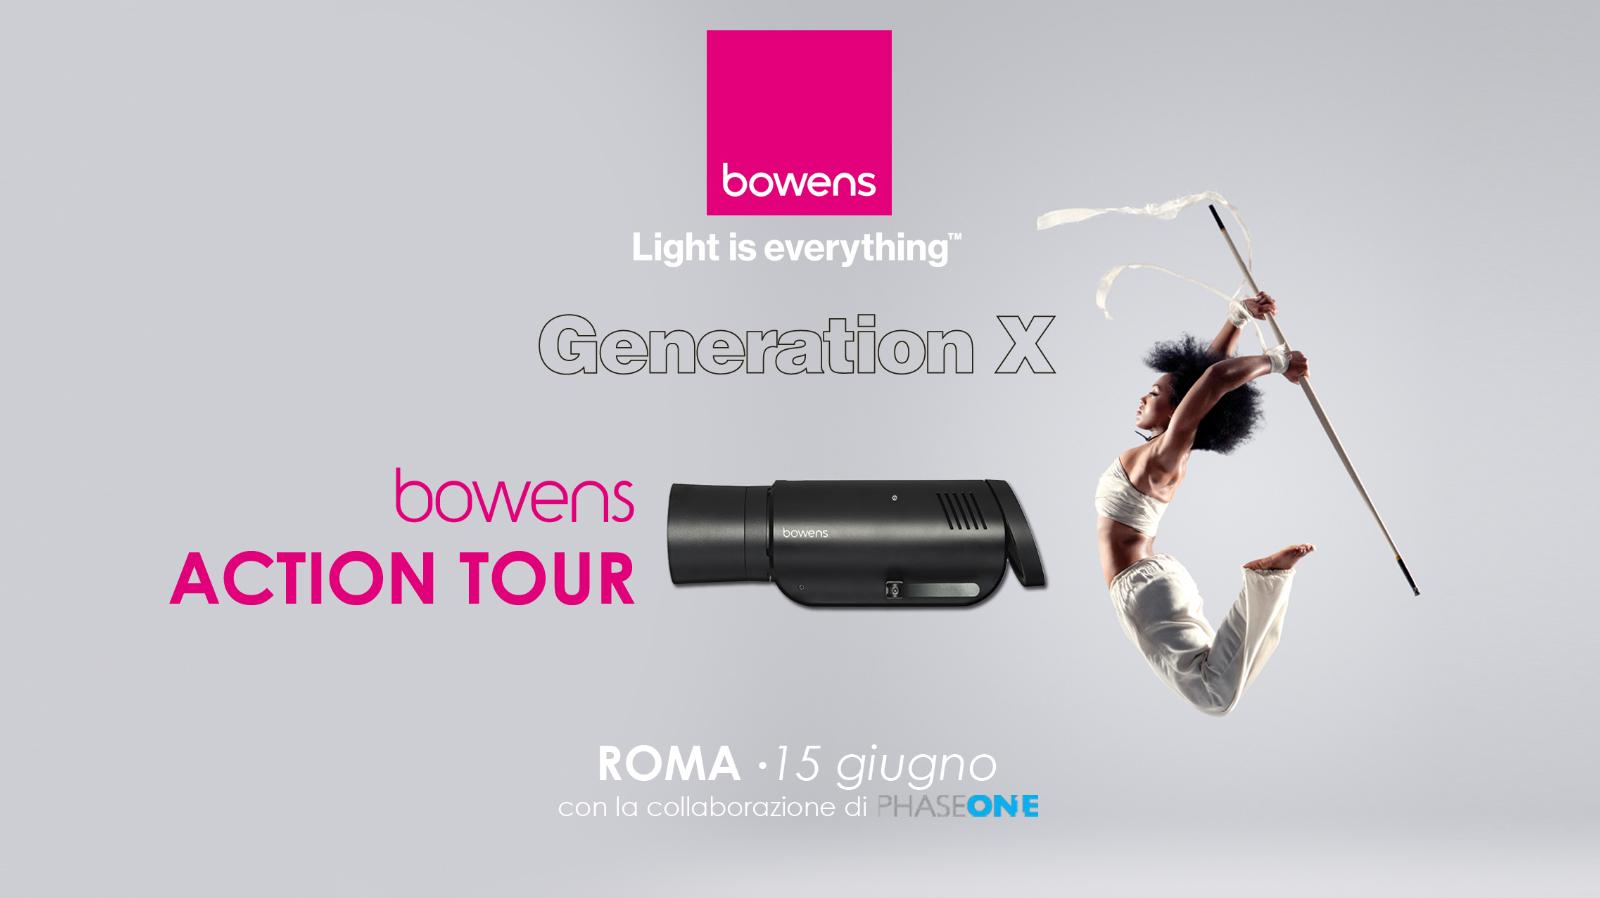 bowens action tour